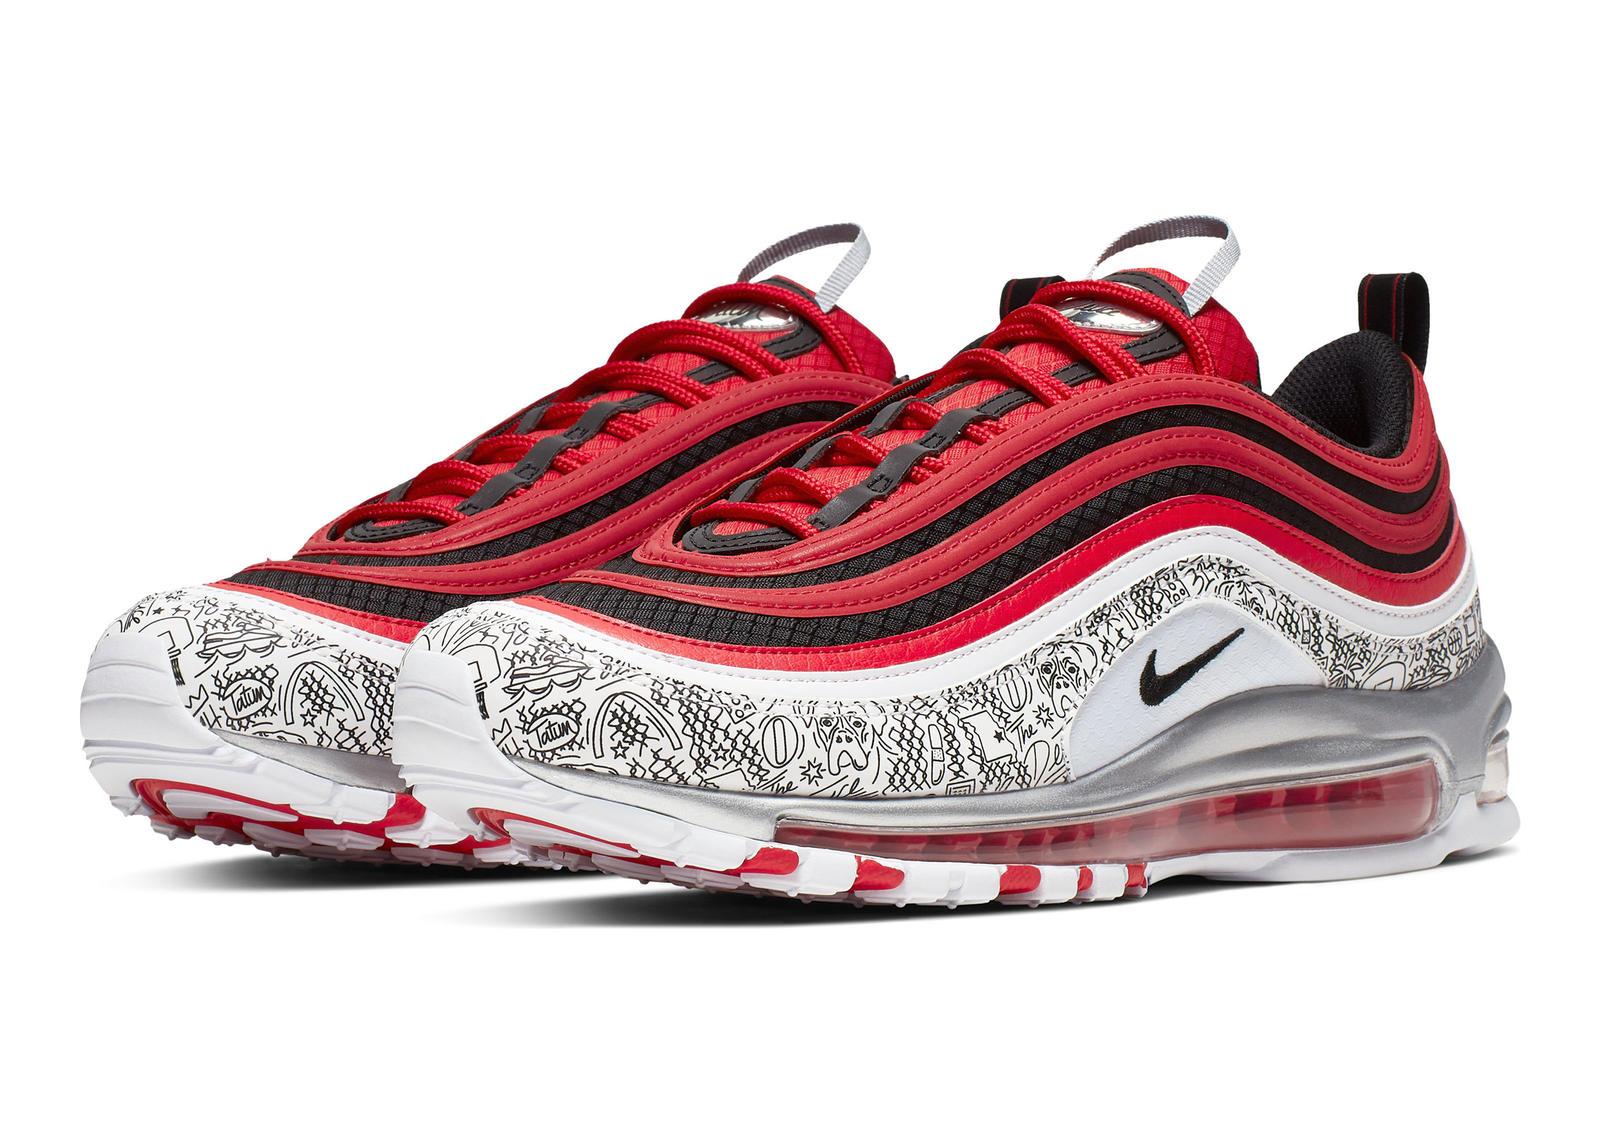 Nike Air Max97 Jayson Tatum 2